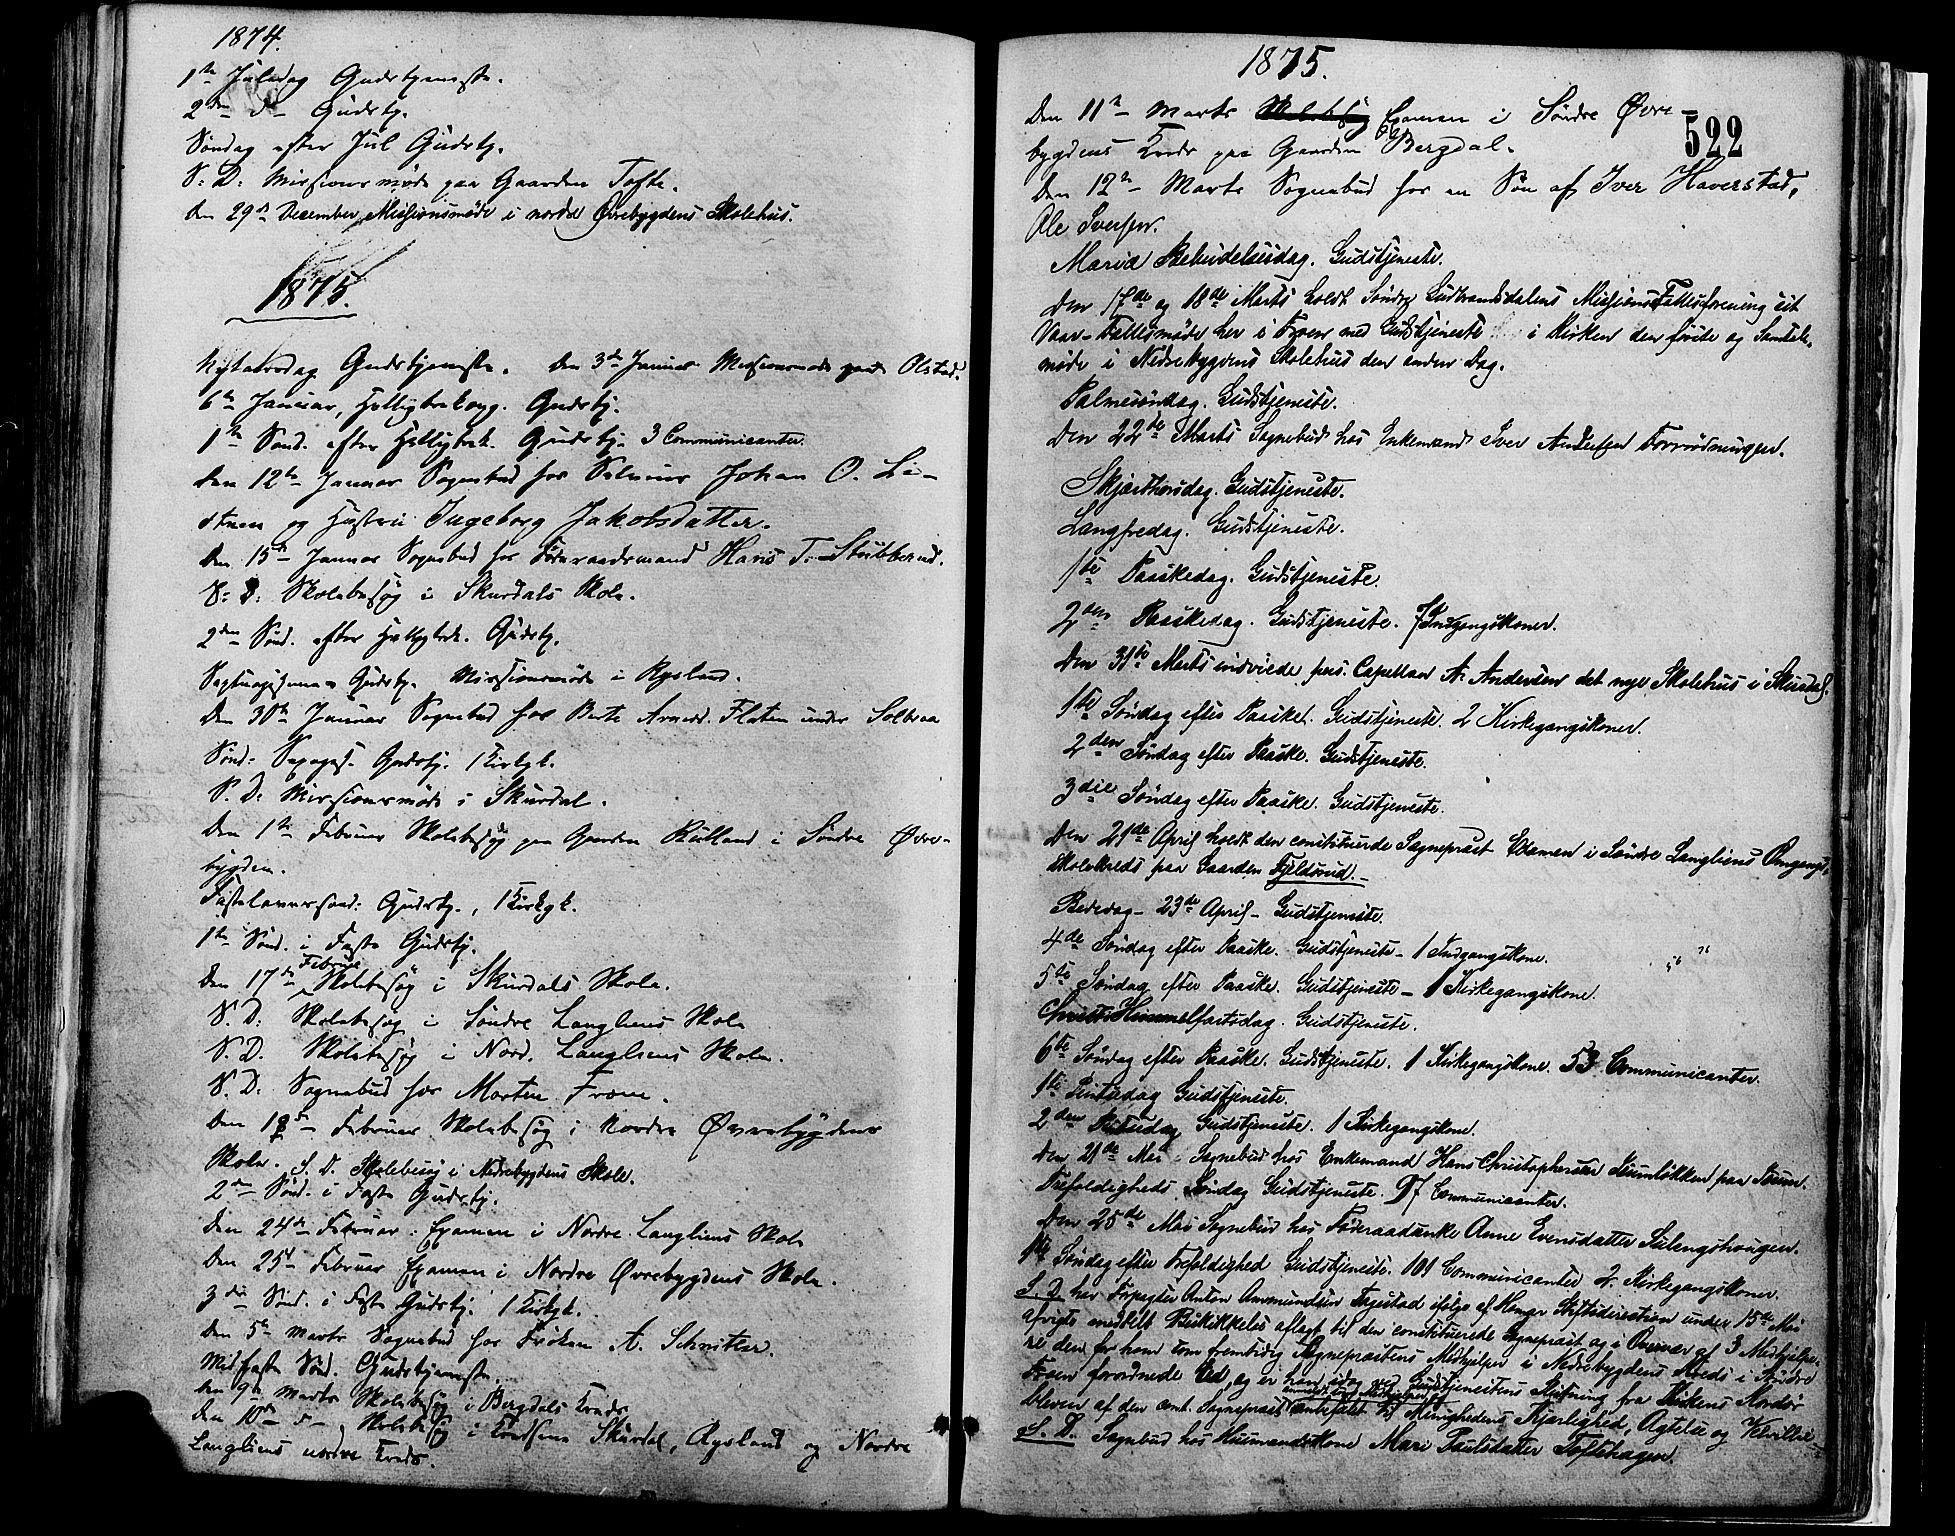 SAH, Sør-Fron prestekontor, H/Ha/Haa/L0002: Ministerialbok nr. 2, 1864-1880, s. 522